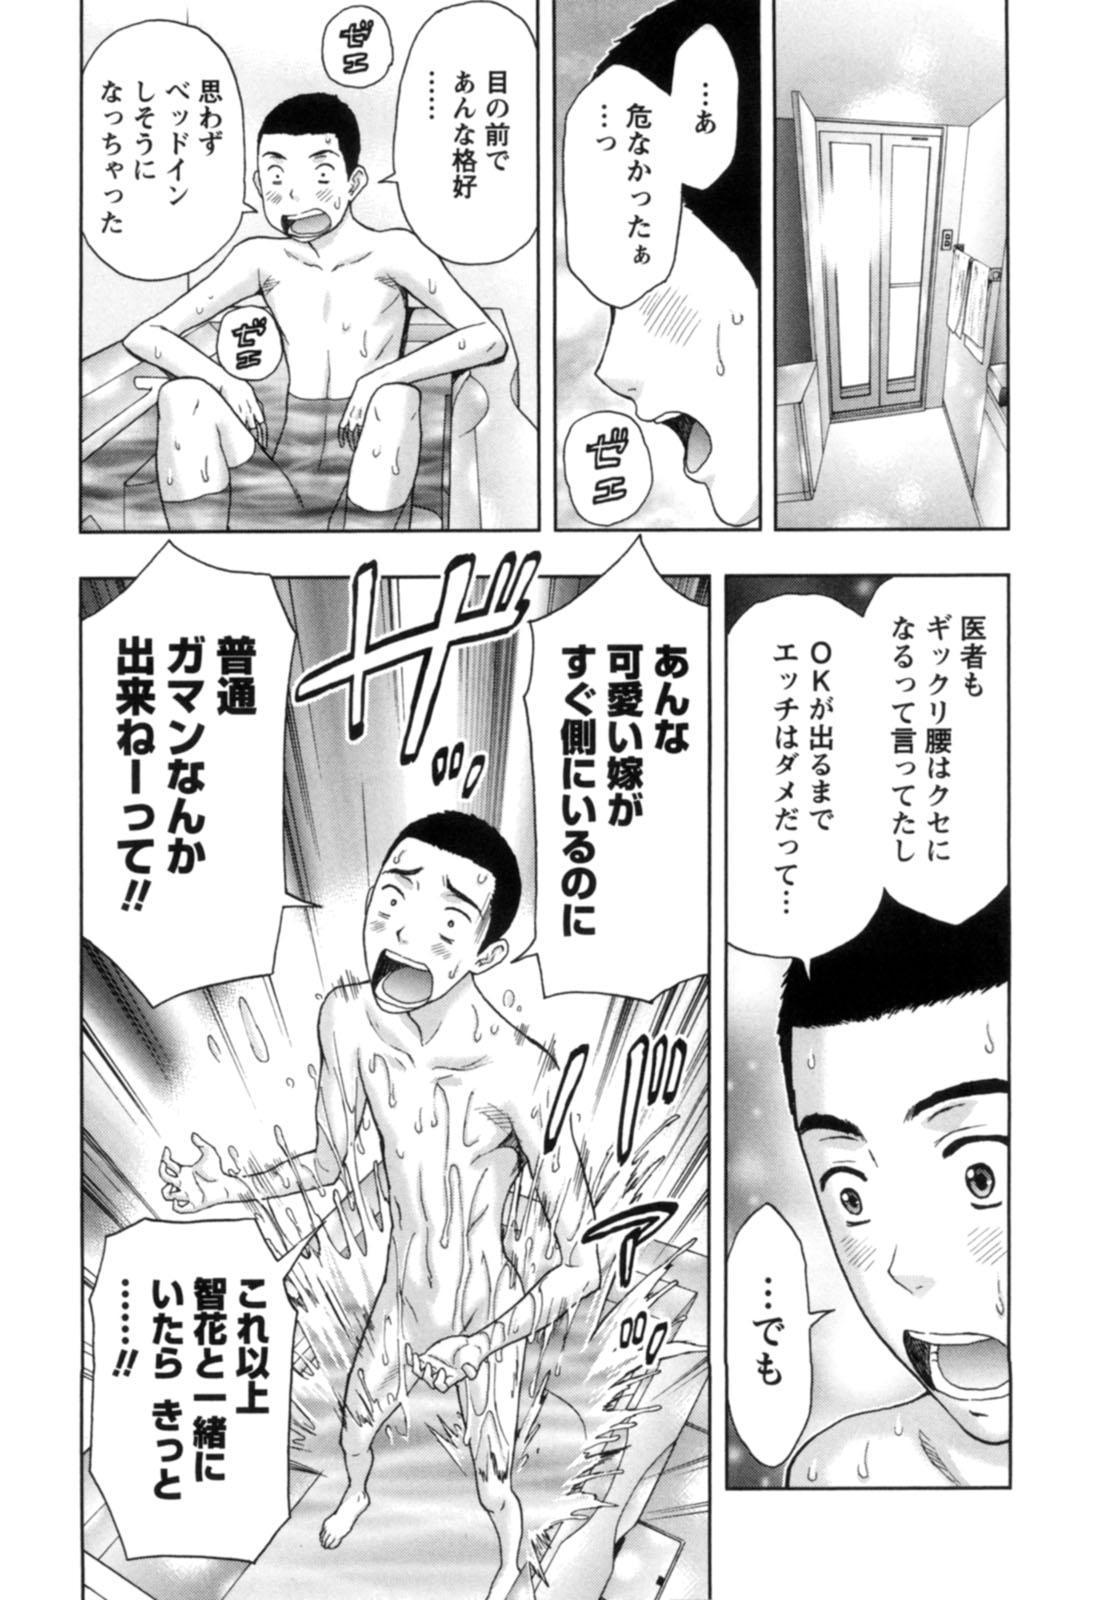 Nukumori Jou no Binkan Lesson 39